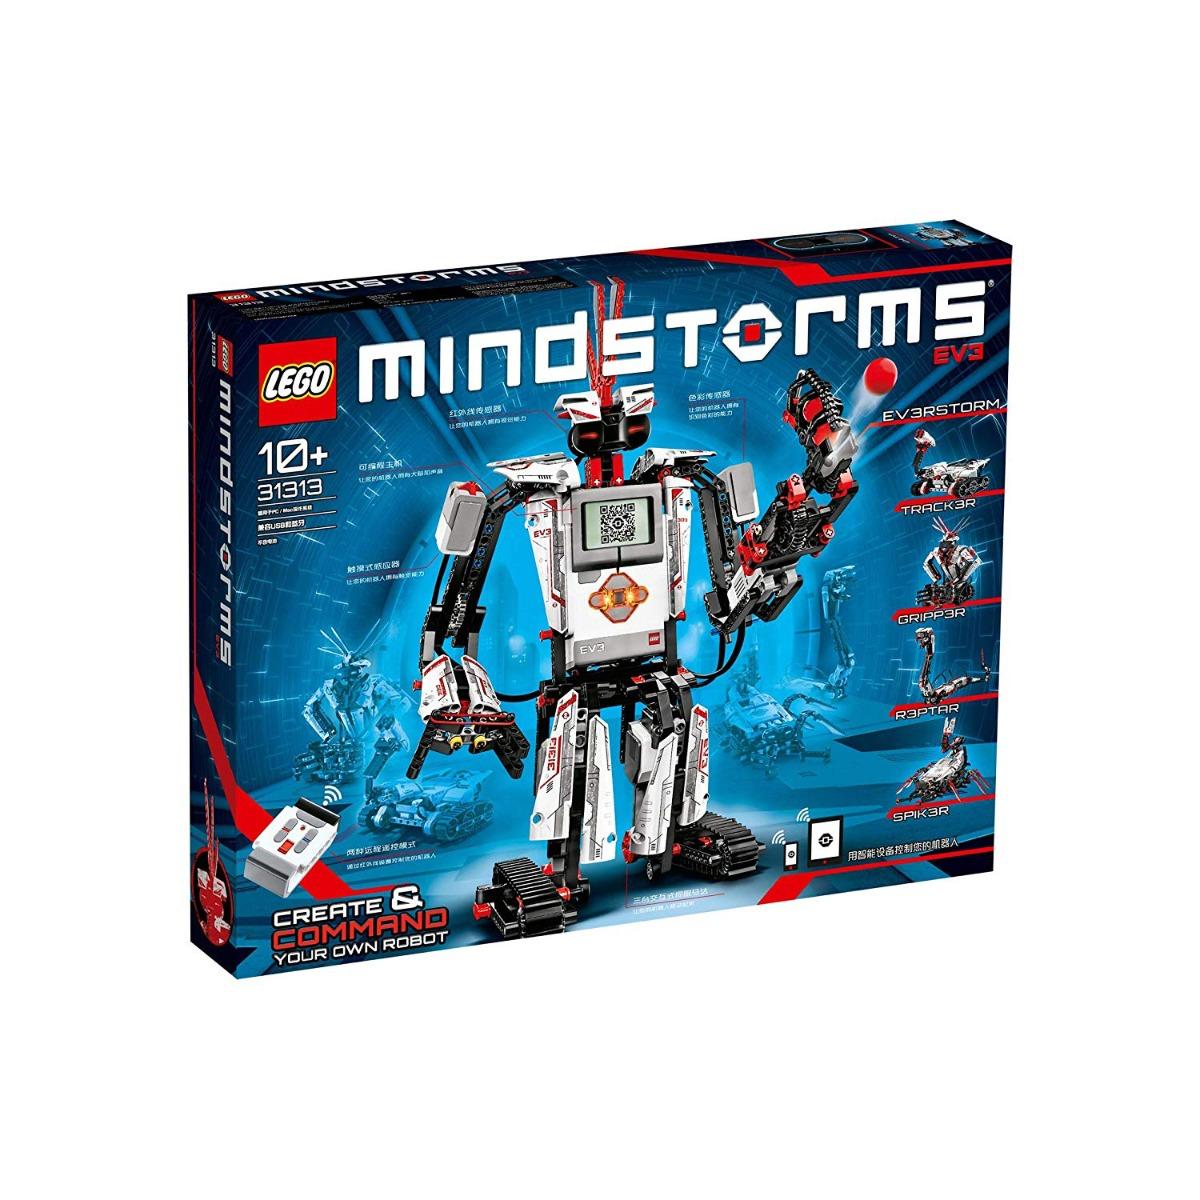 Lego® Mindstorms® - Ev3 (31313)